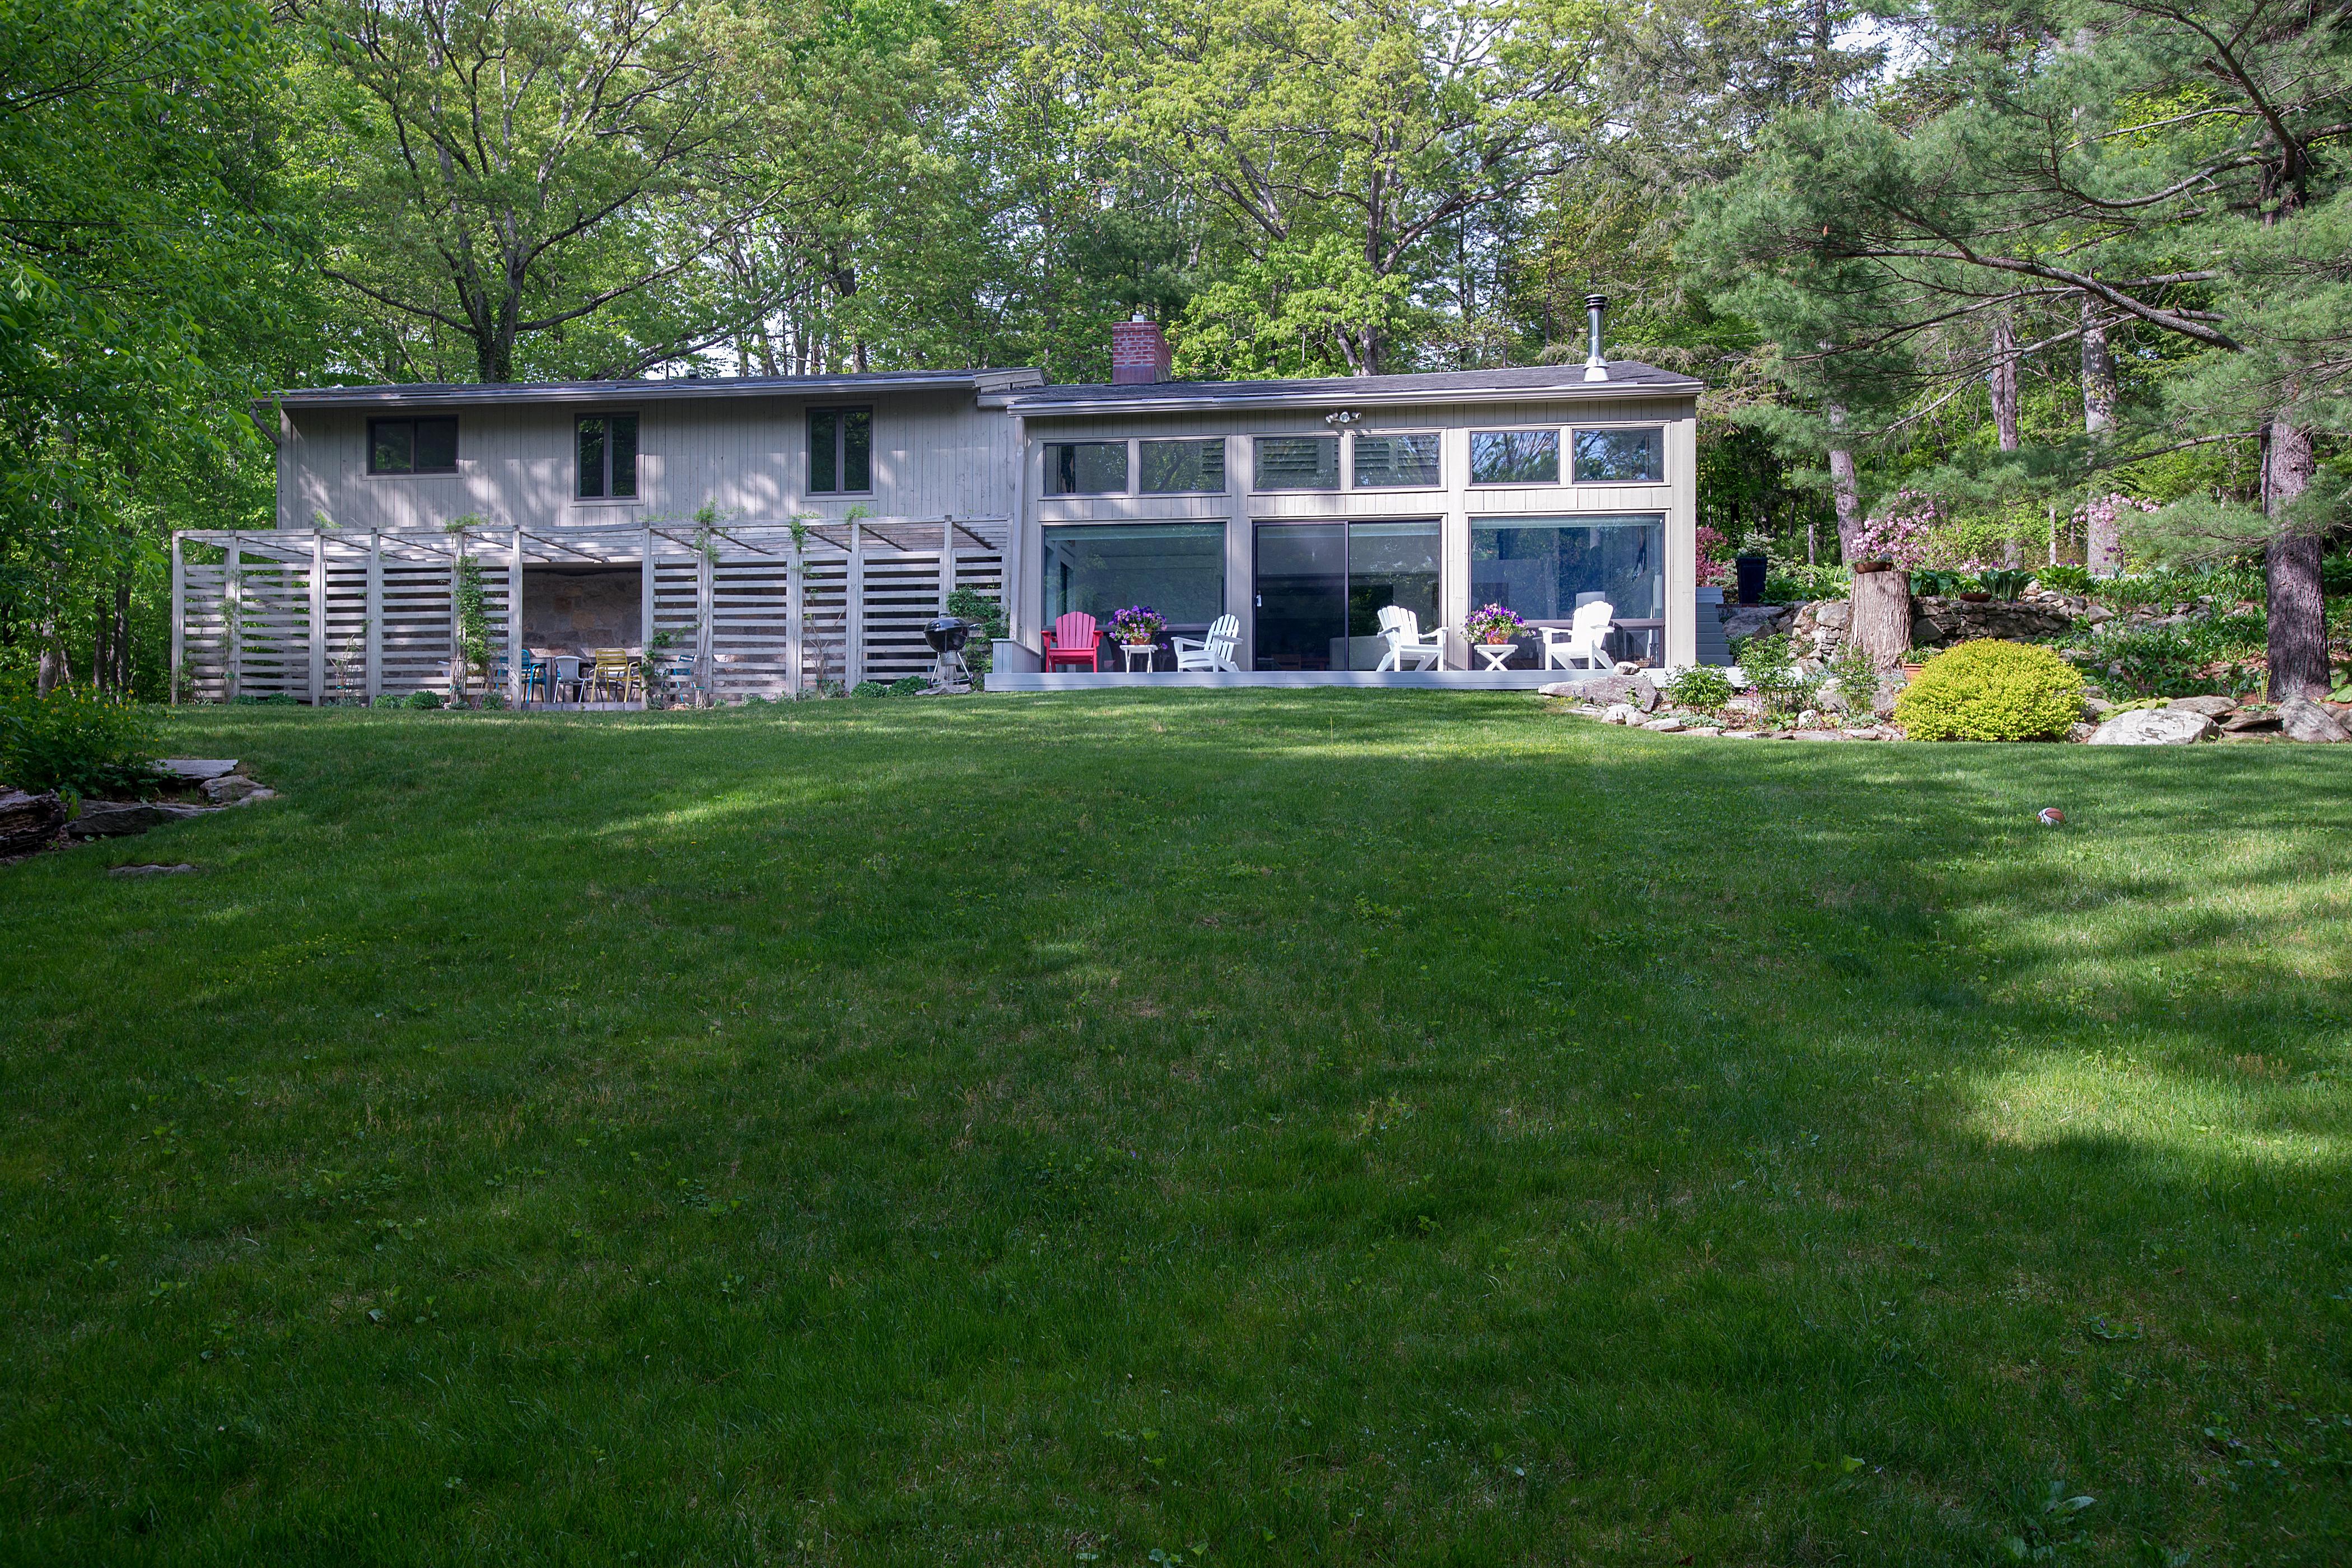 Moradia para Venda às Sophisticated Sanctuary 14 Kinnicutt Road East Road Pound Ridge, Nova York 10576 Estados Unidos